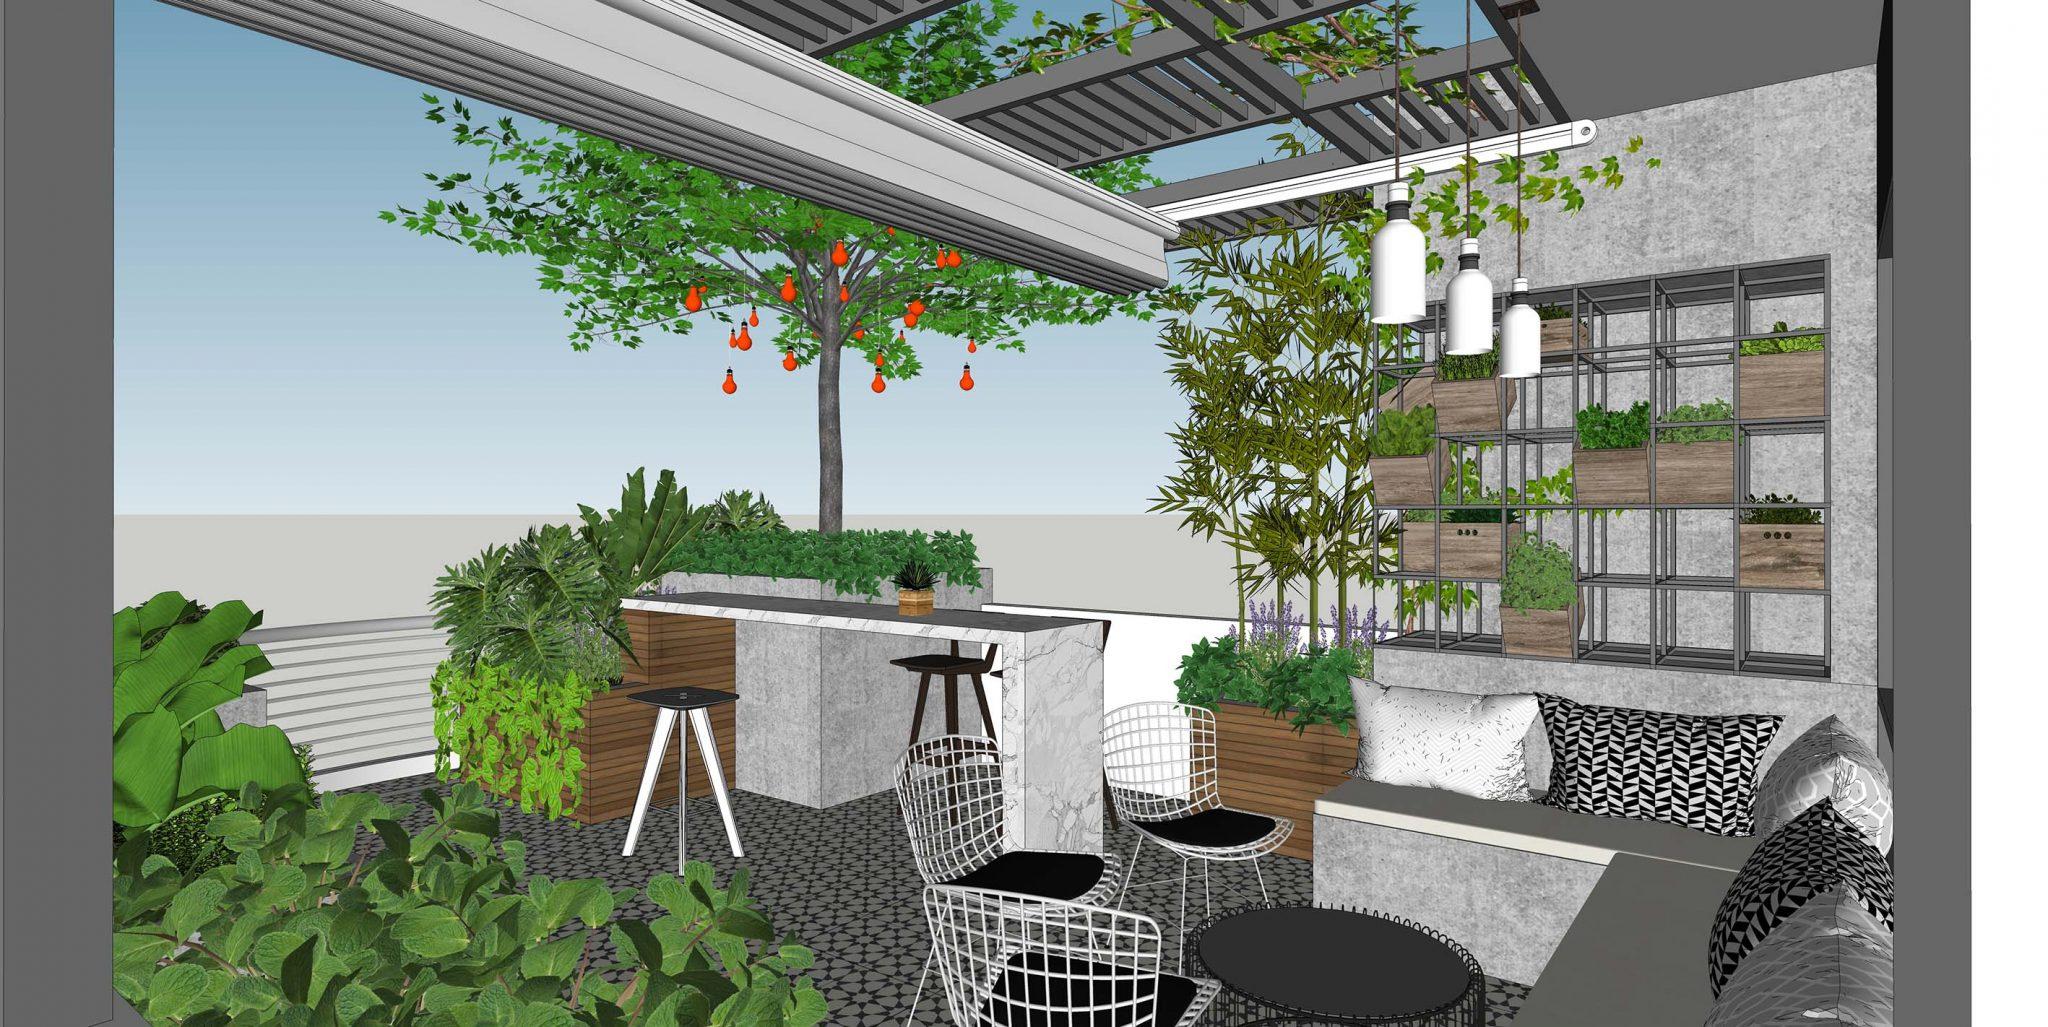 B House 2 - Giải pháp vay mượn không gian trong thiết kế